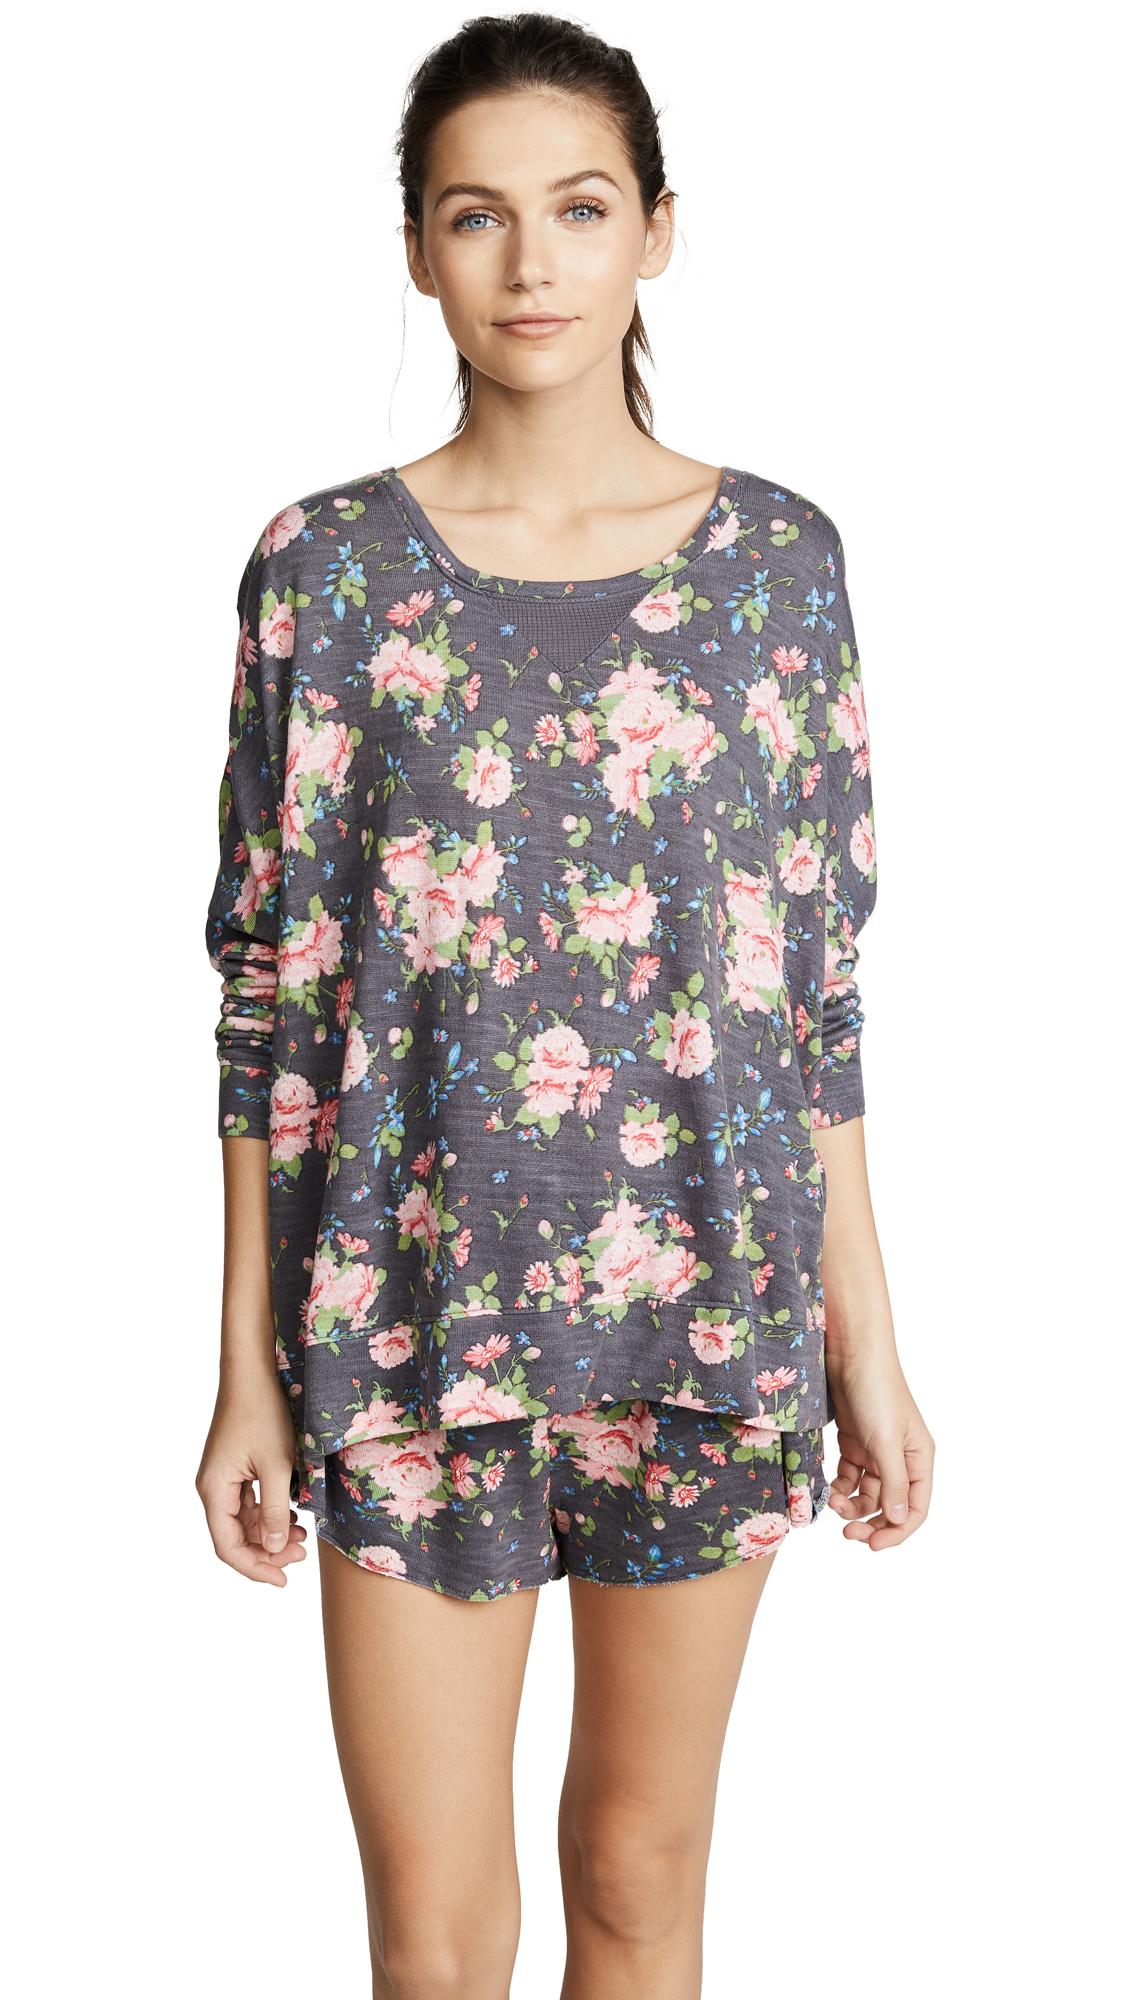 Honeydew Intimates Starlight Lounge Sweatshirt In Dark Grey Floral